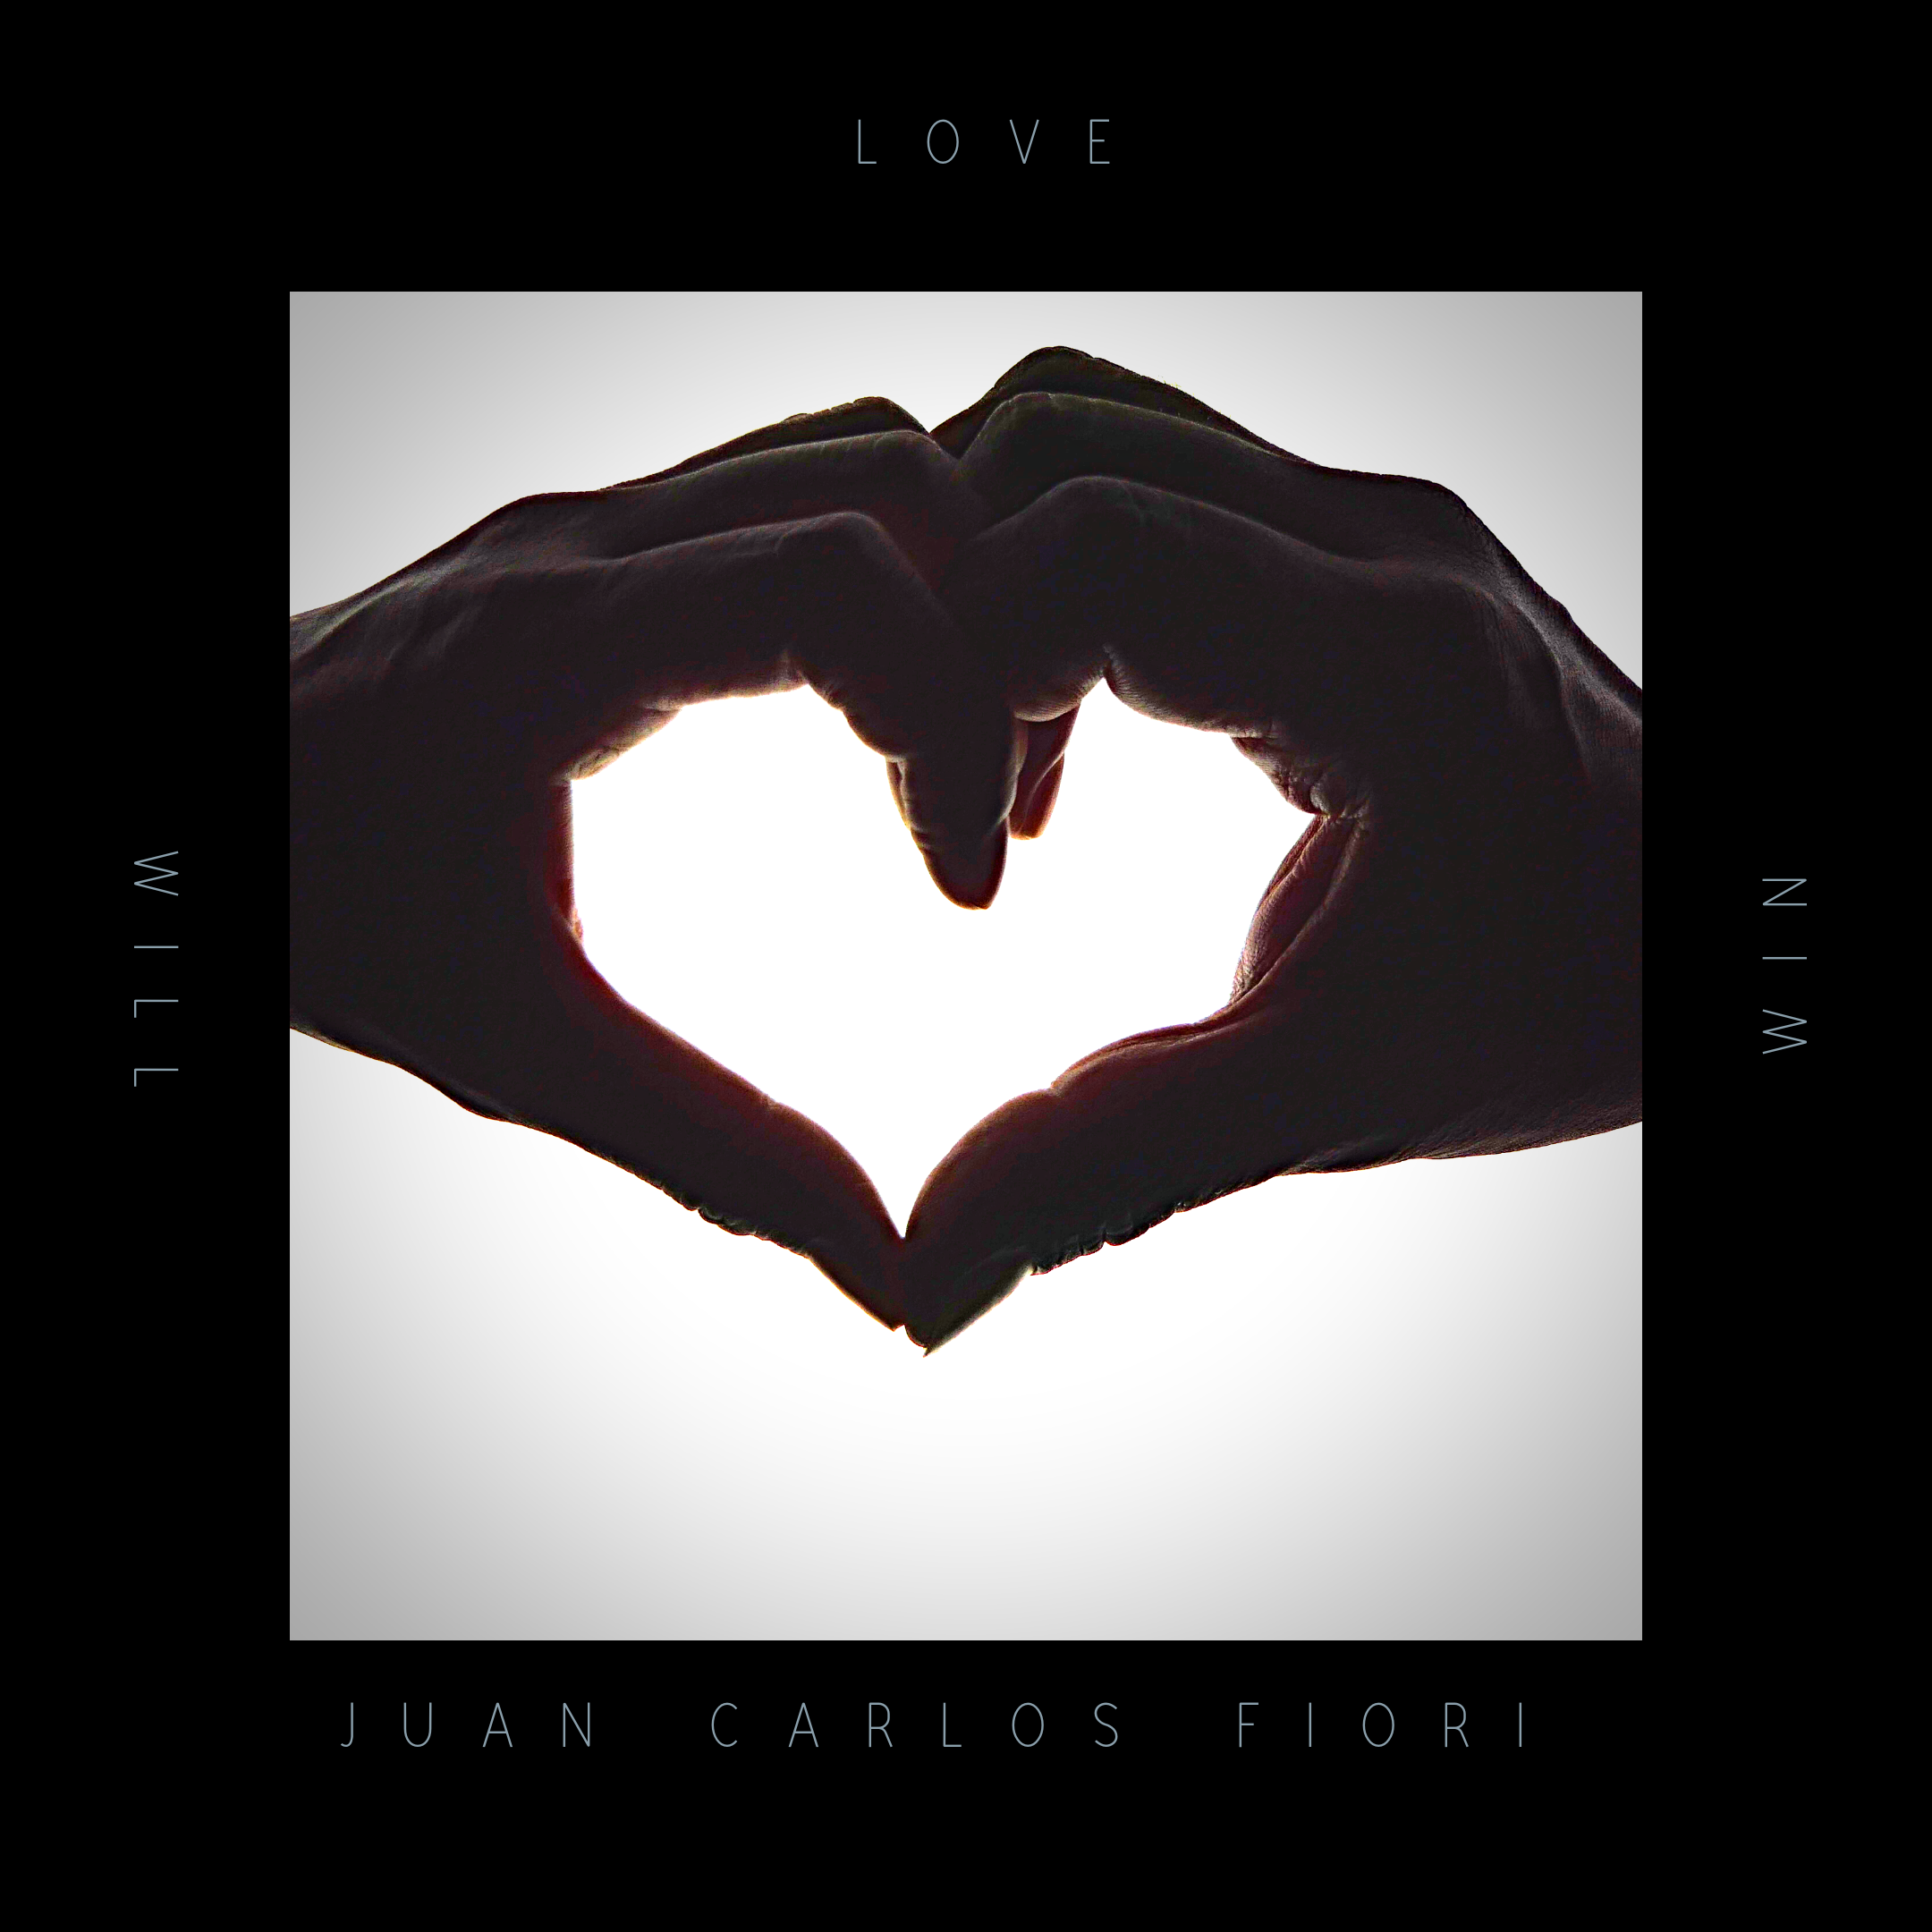 Love Will Win - Juan Carlos Fiori